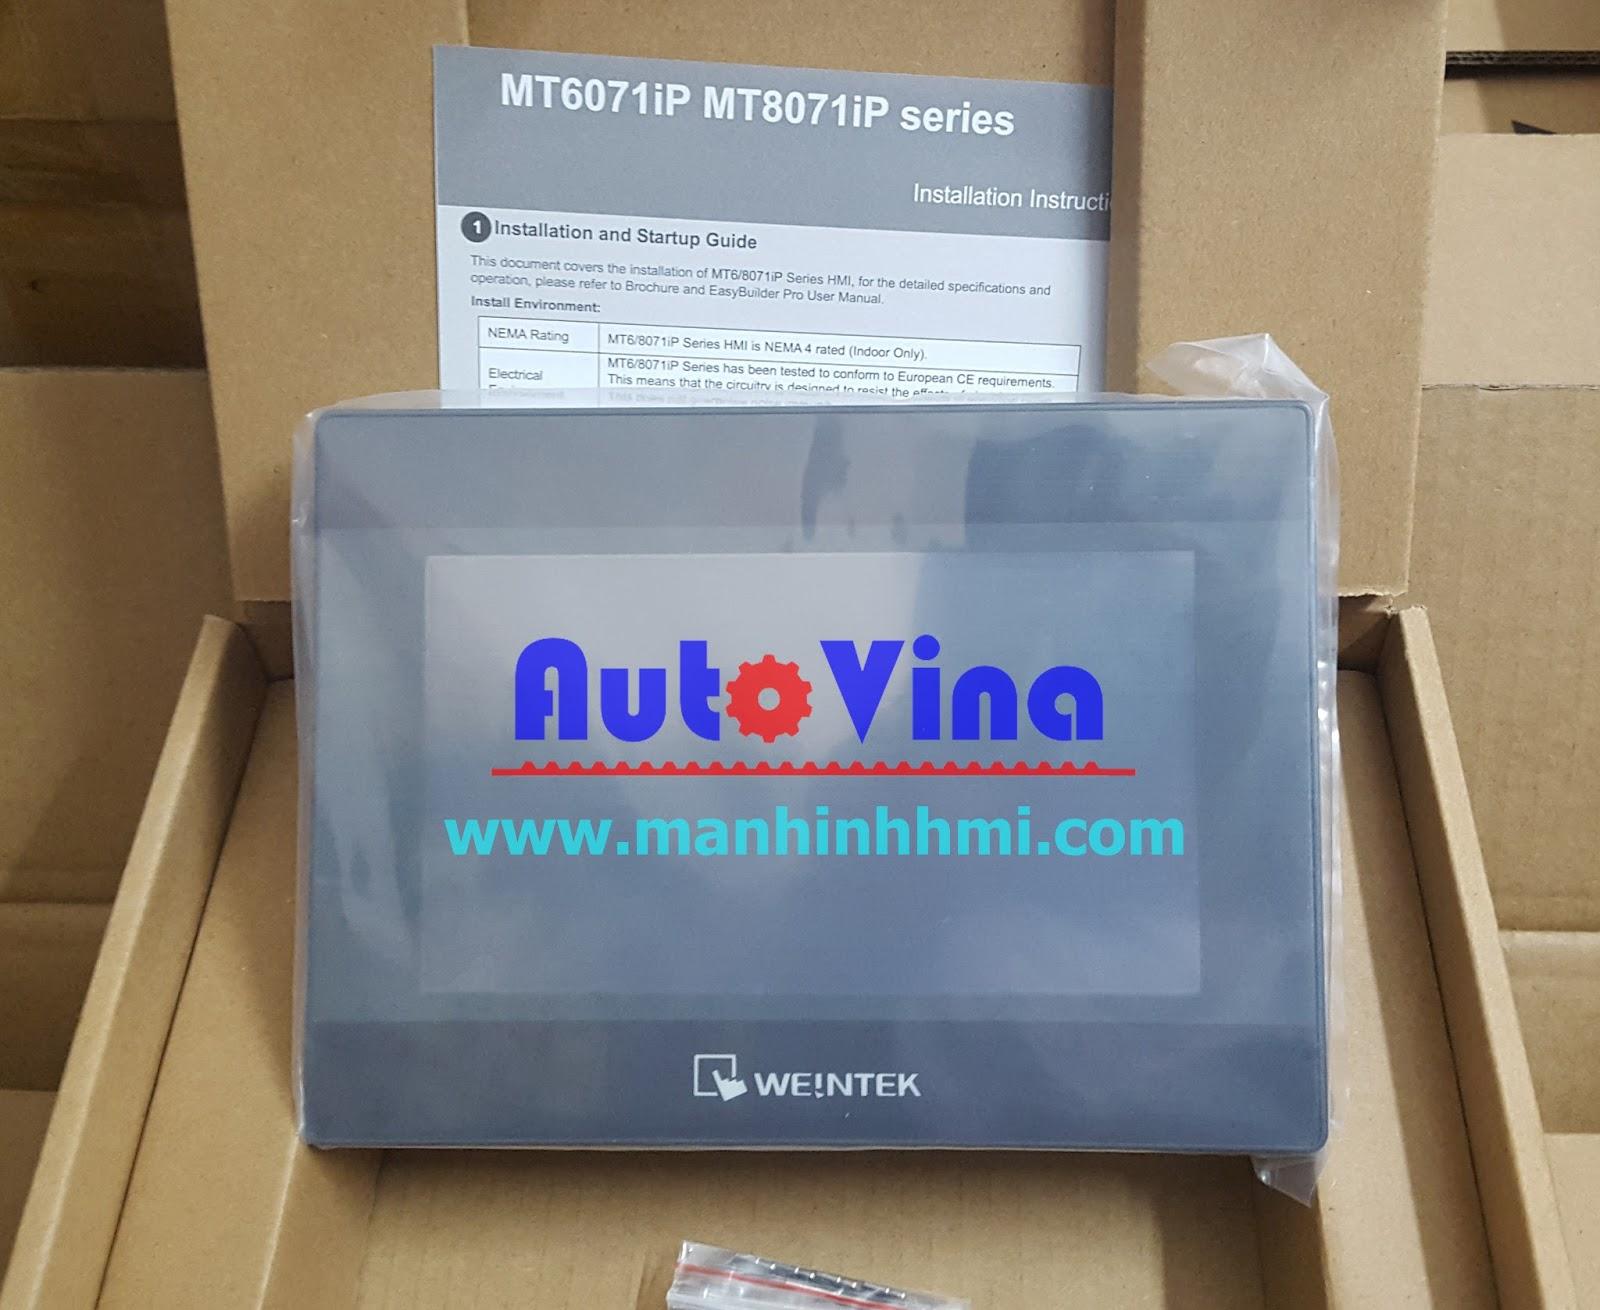 Đại lý bán màn hình cảm ứng HMI MT8071iP Weintek, hàng luôn có sẵn trong kho công ty Auto Vina